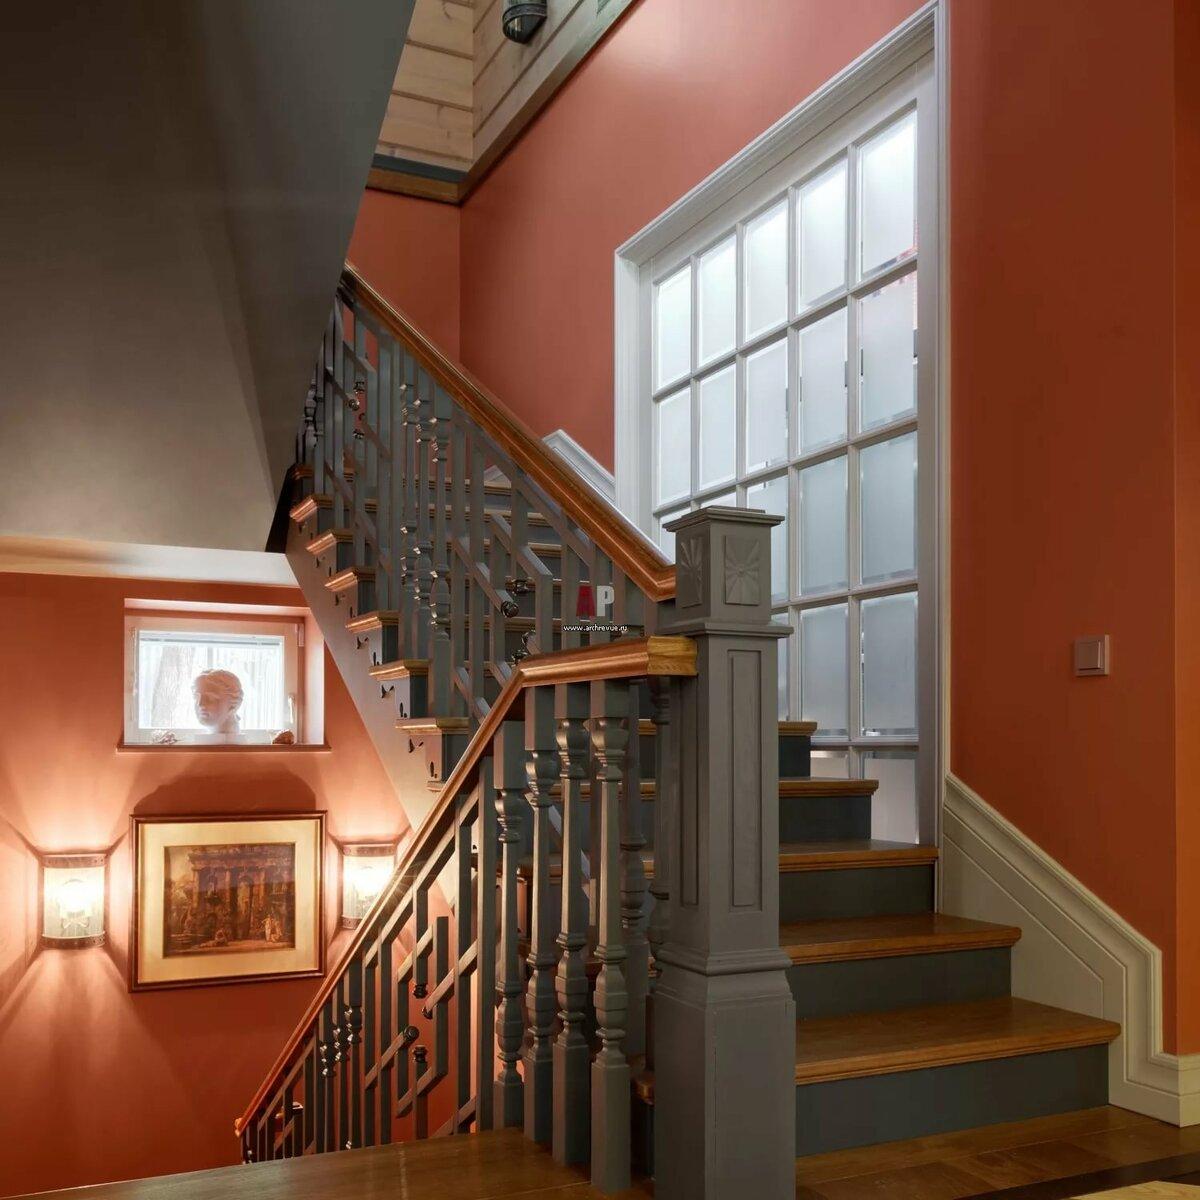 обои на лестничной площадке в интерьере дома дизайн